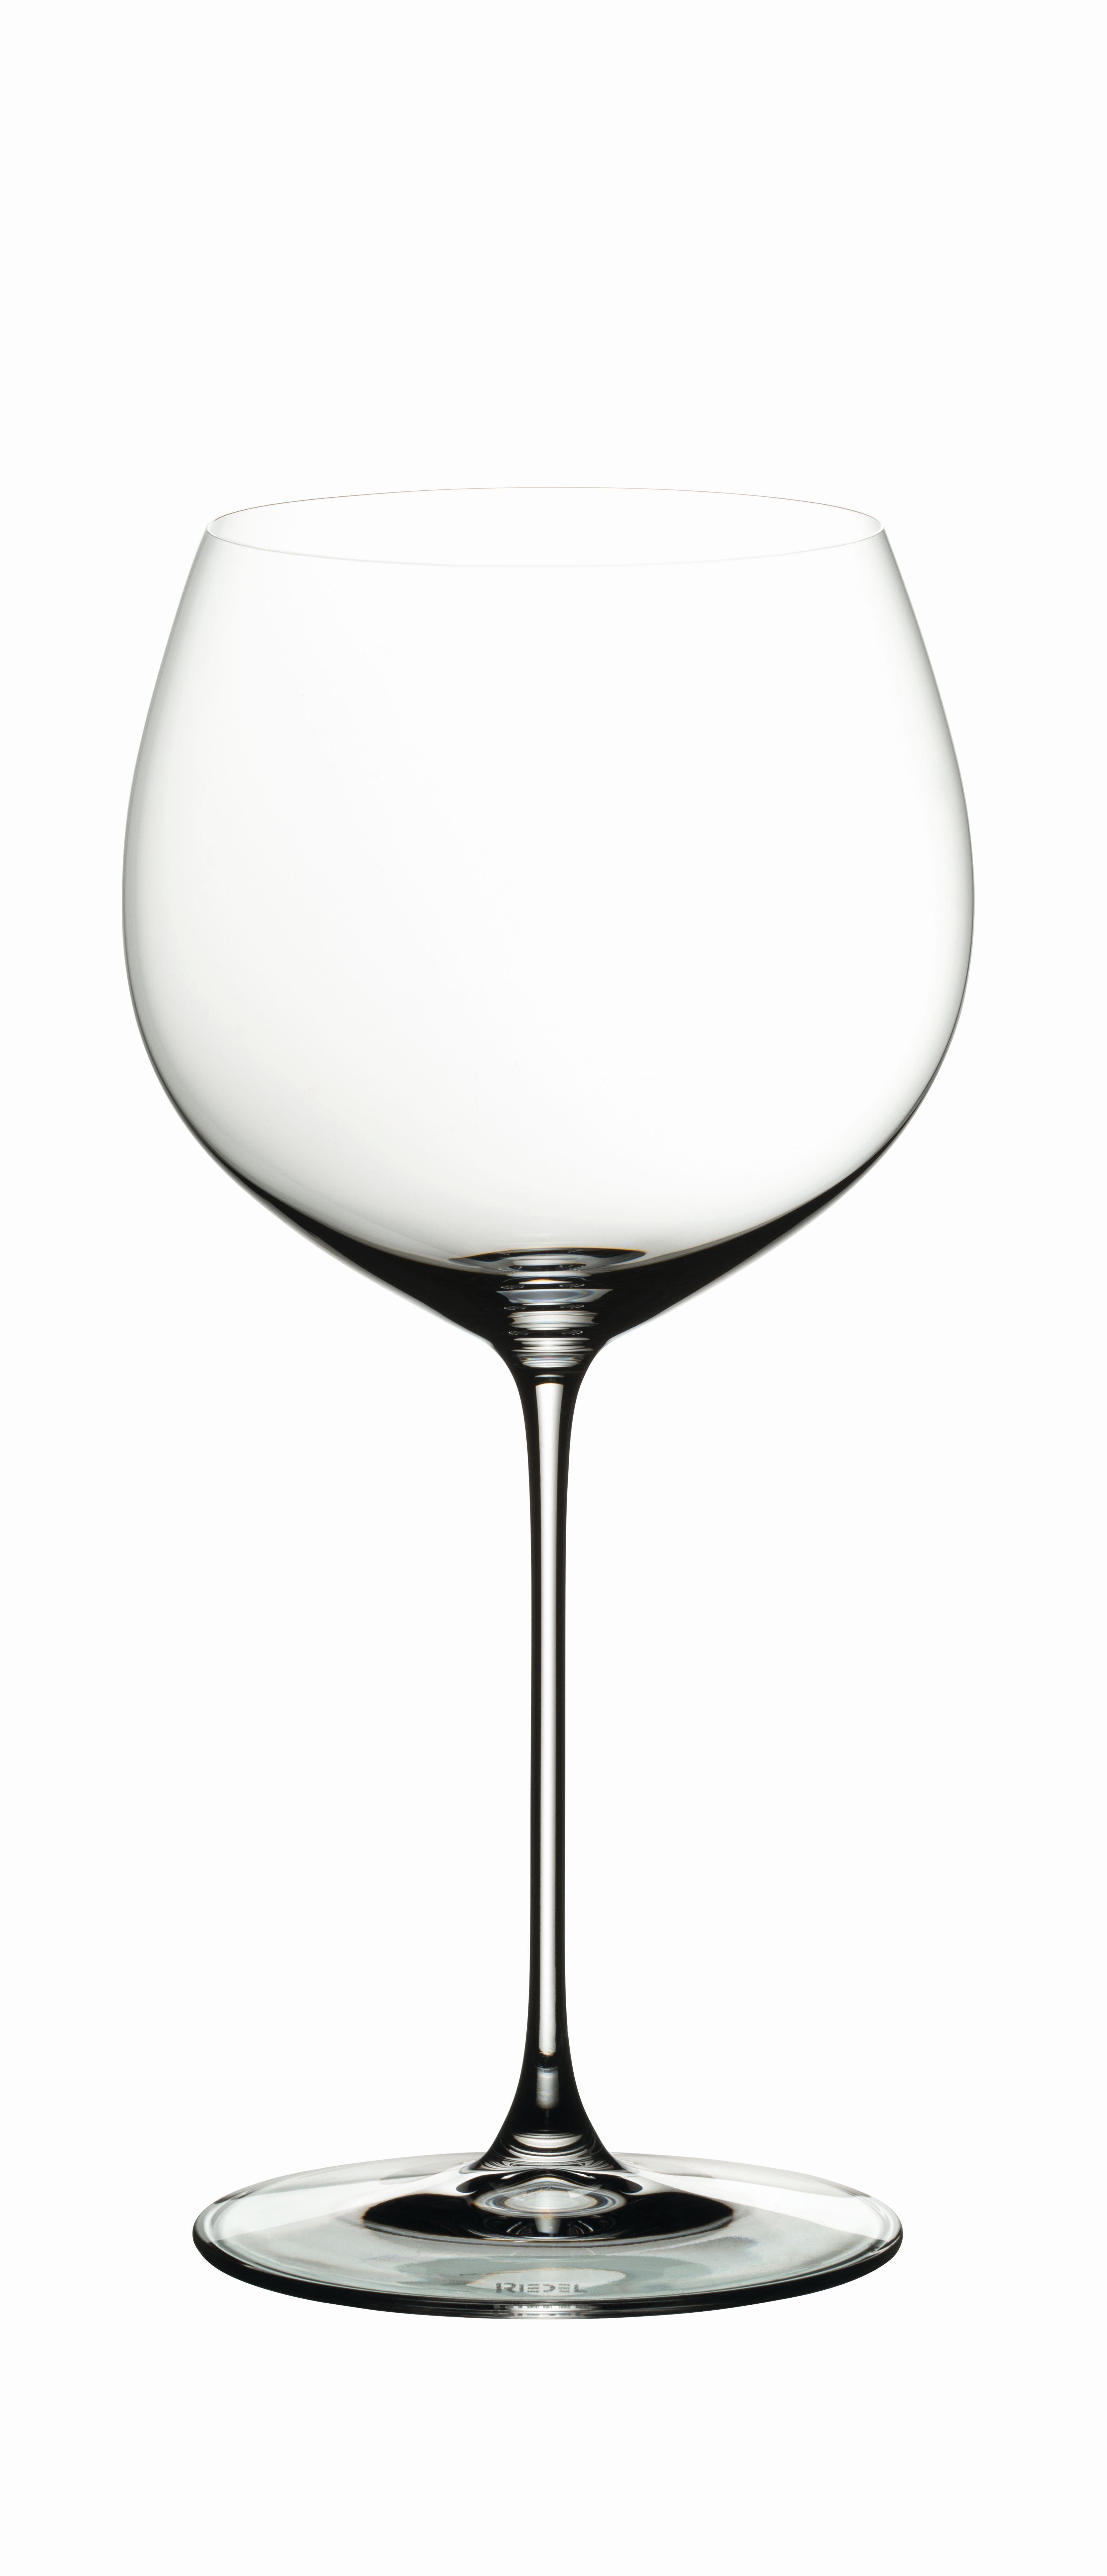 1449_97_riedel_oaked_chardonnay_wijnglas_veritas_1.jpg